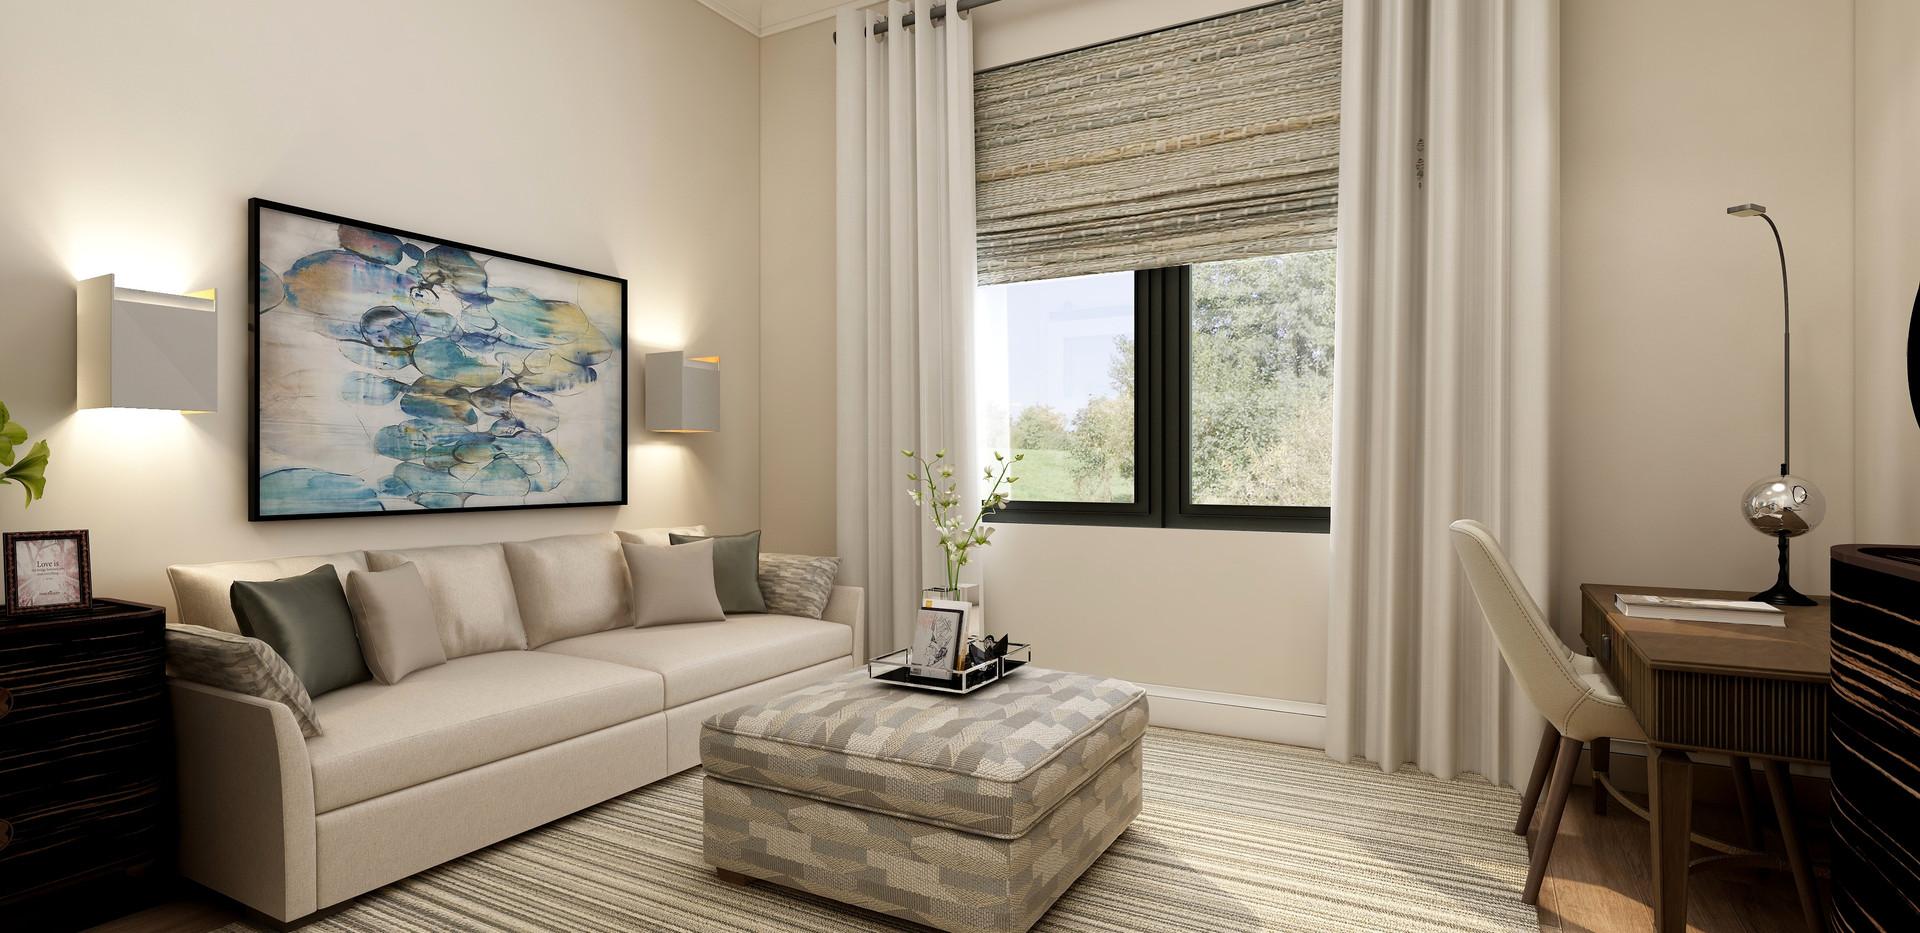 gibert- guestbedroom render1.jpg